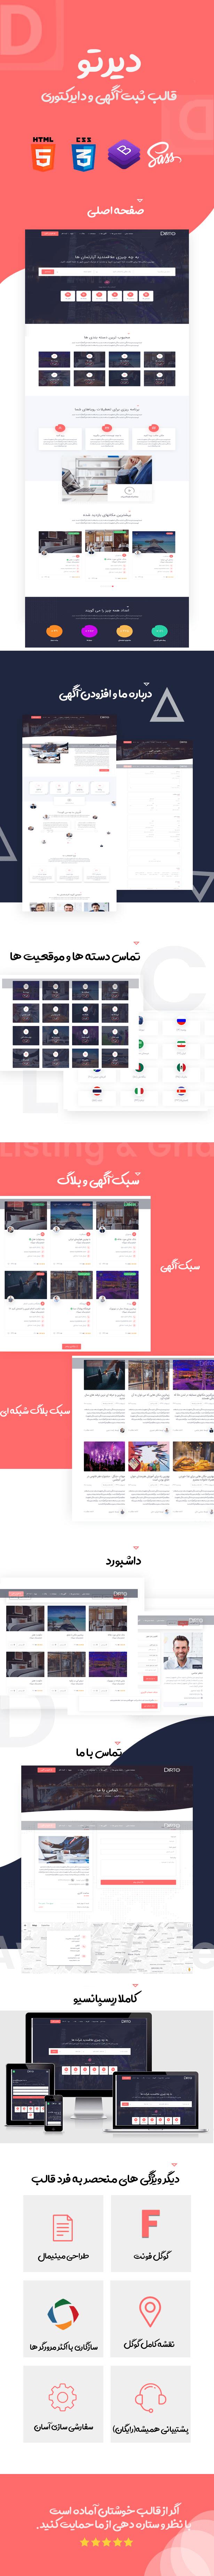 قالب Dirto قالب HTML ثبت آگهی و دایرکتوری با طراحی مدرن